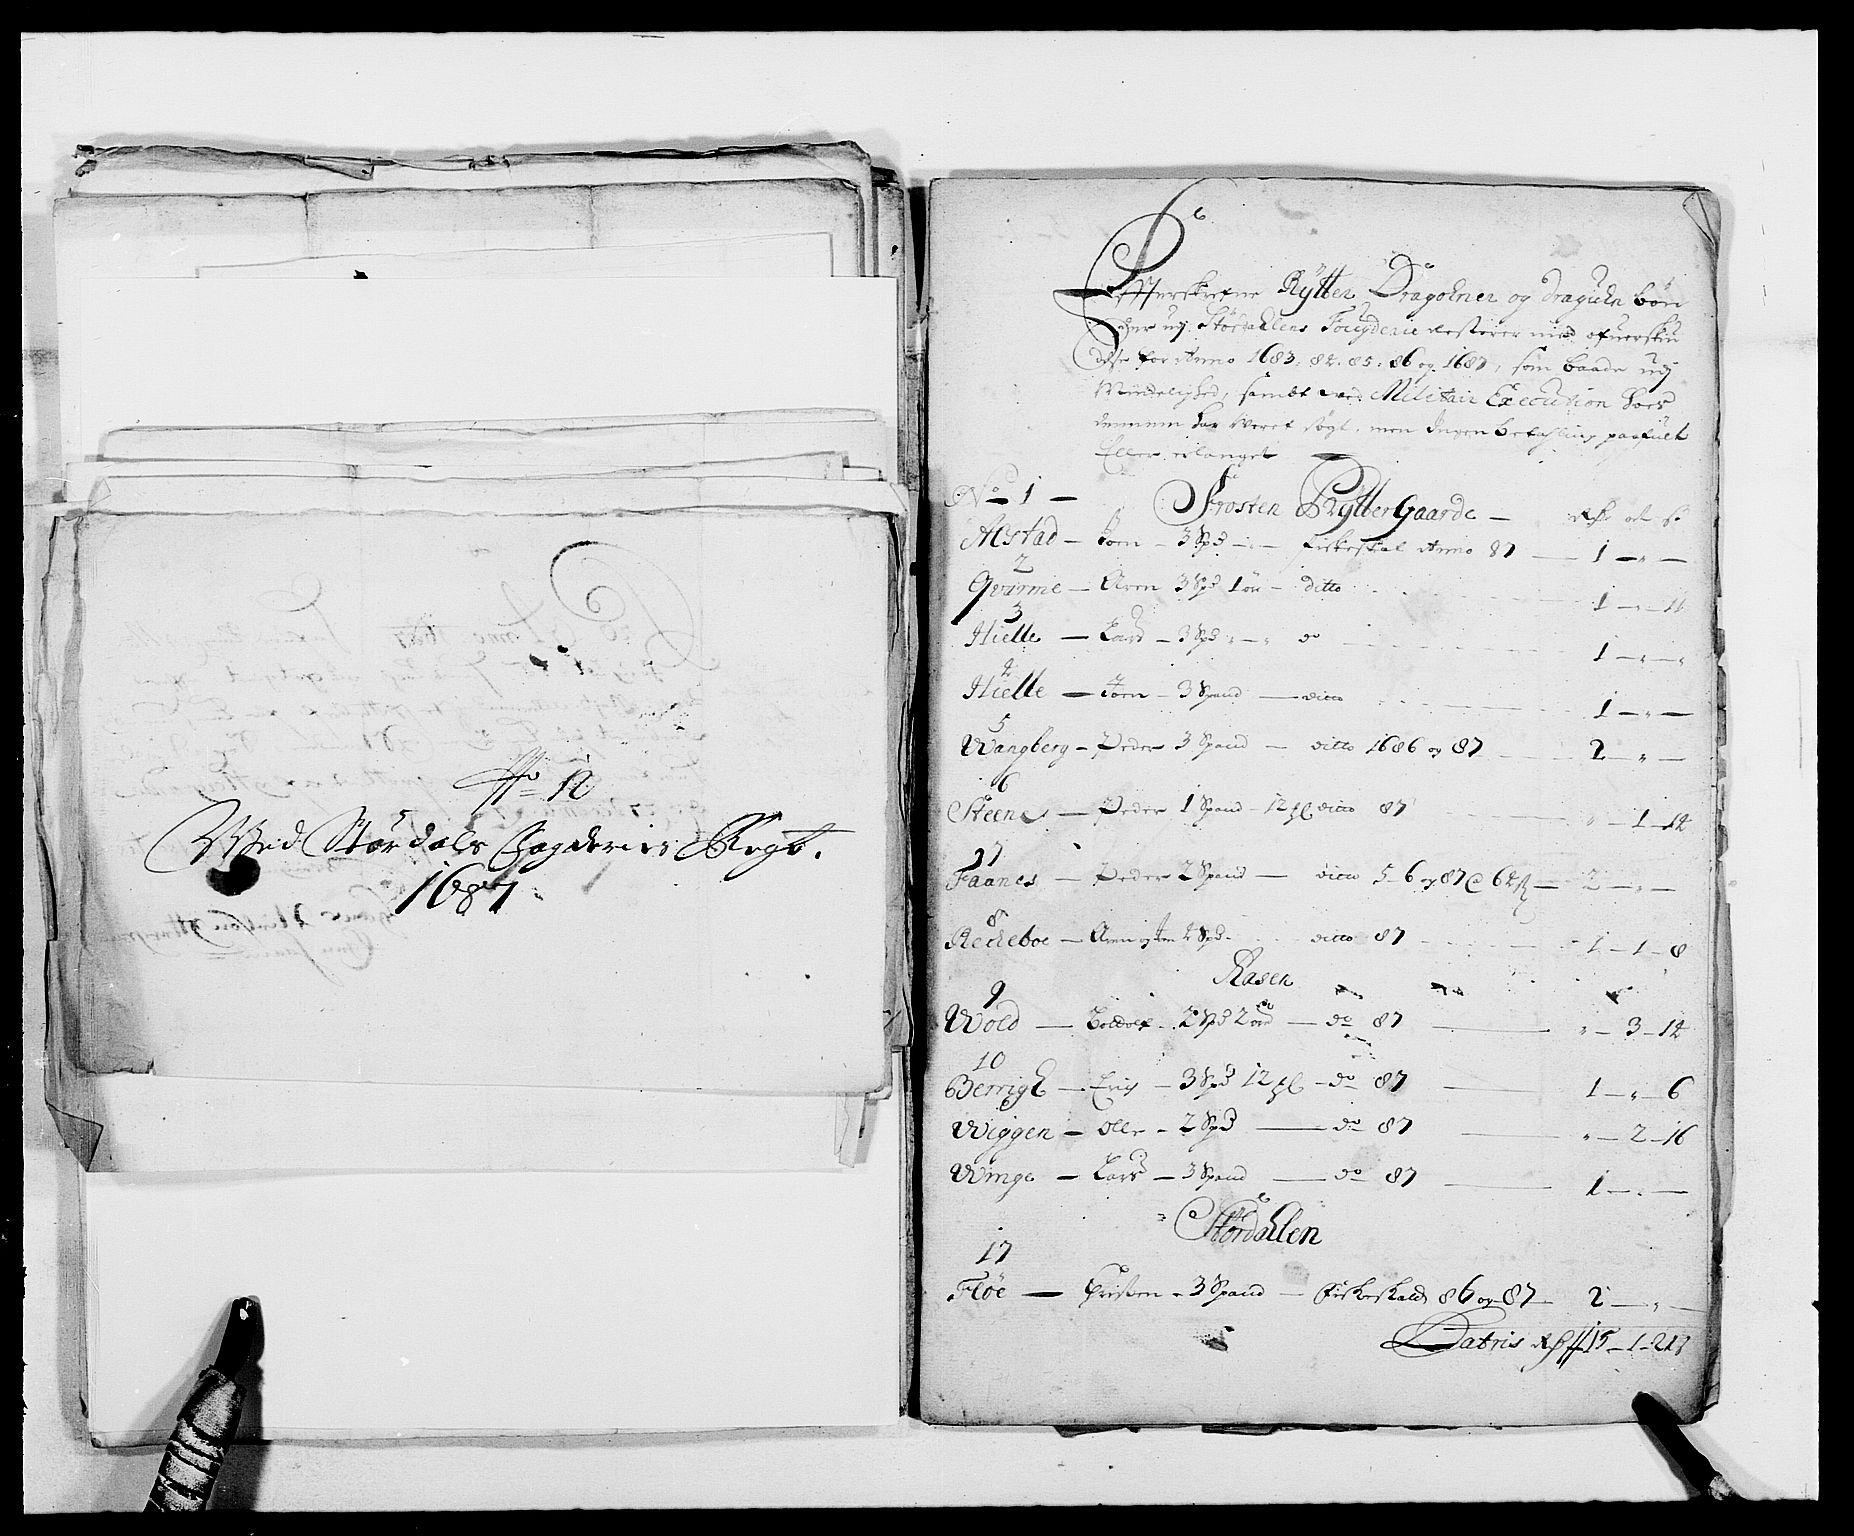 RA, Rentekammeret inntil 1814, Reviderte regnskaper, Fogderegnskap, R62/L4183: Fogderegnskap Stjørdal og Verdal, 1687-1689, s. 186